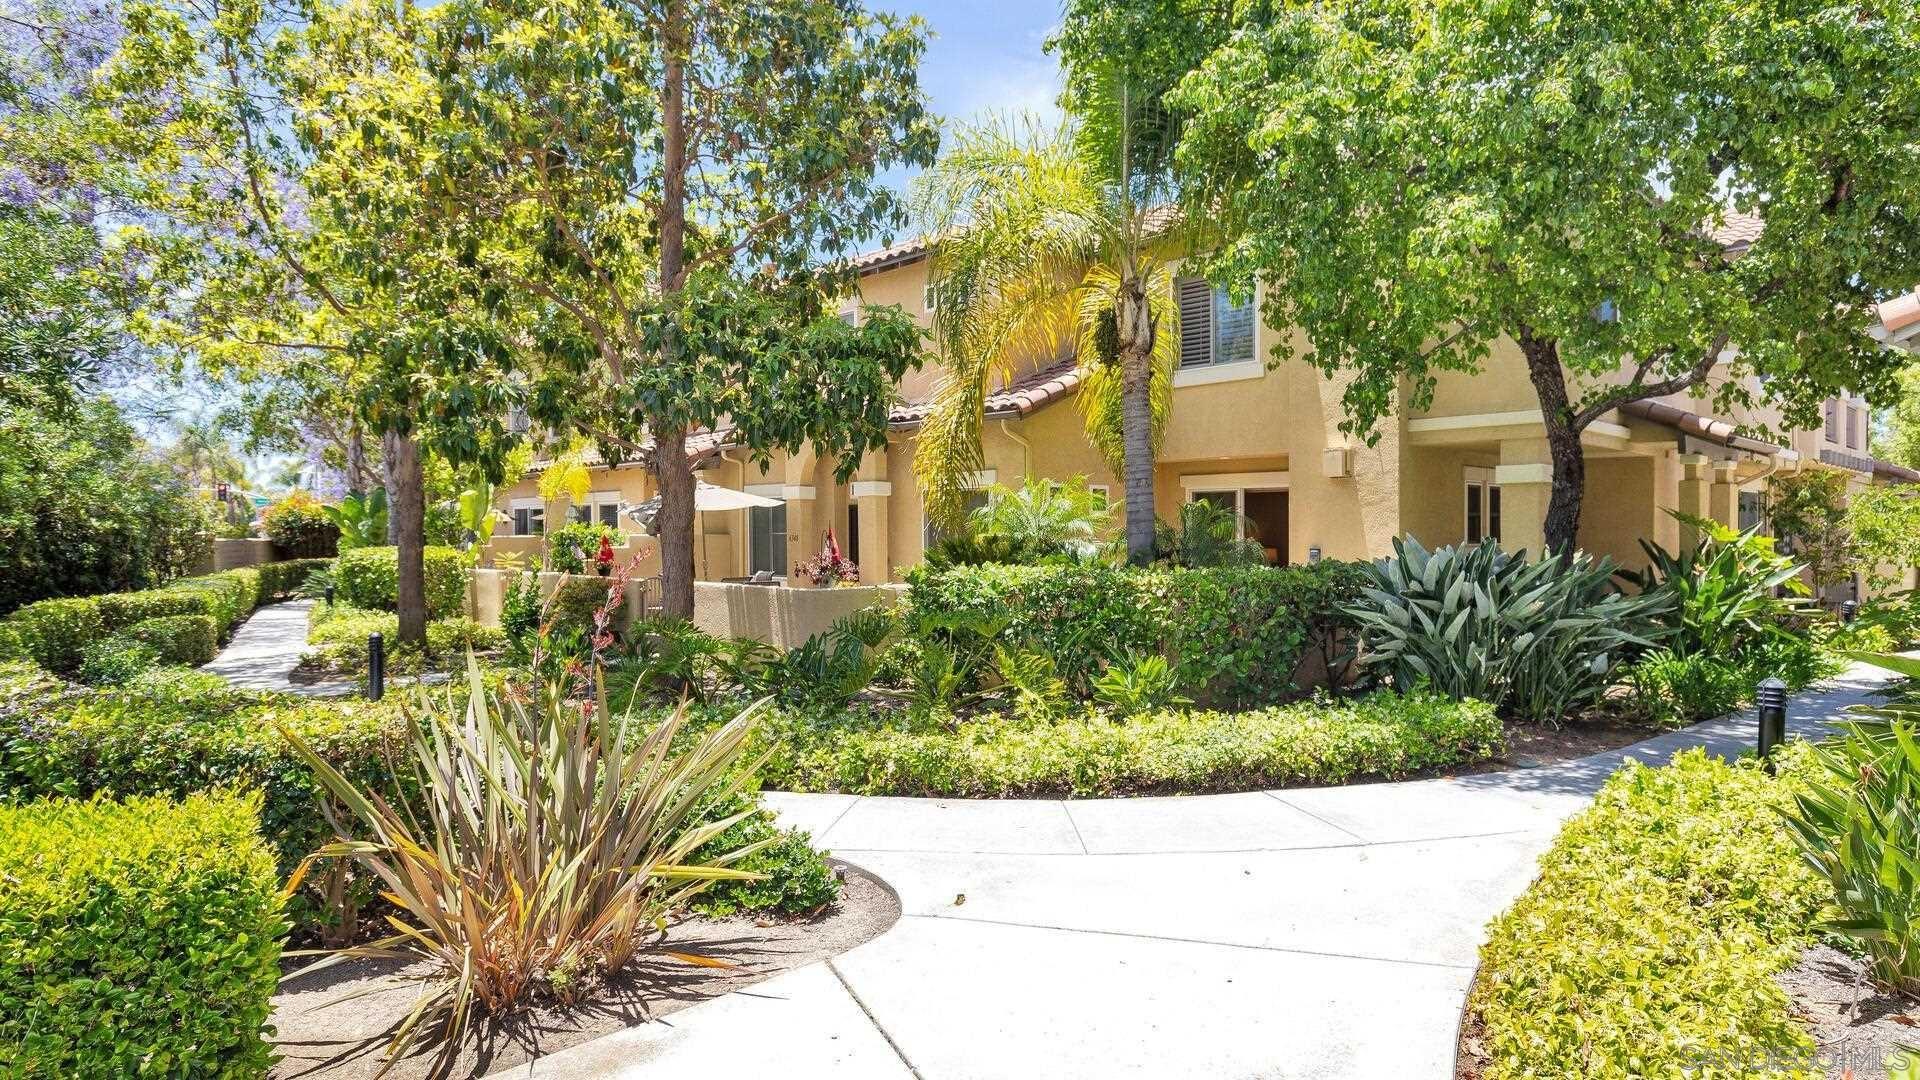 Photo of 6346 Citracado Circle, Carlsbad, CA 92009 (MLS # 210016236)